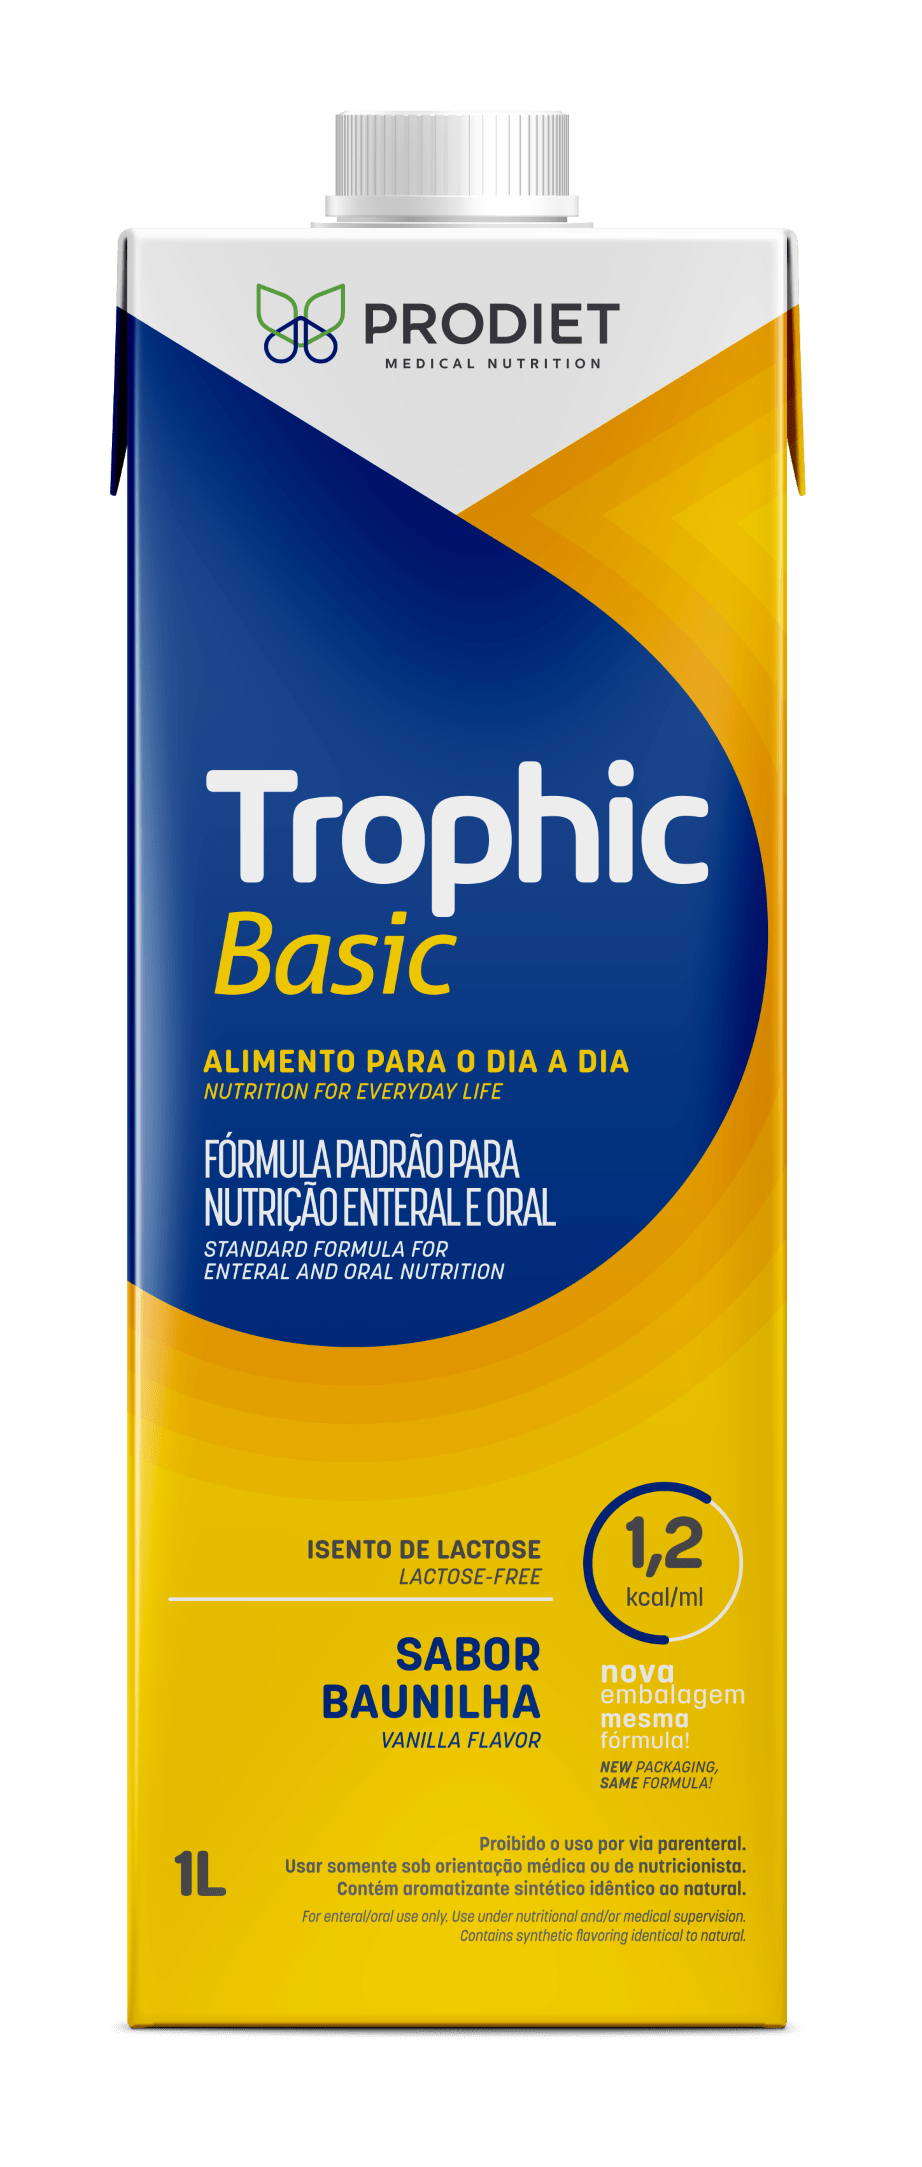 Trophic-Basic-